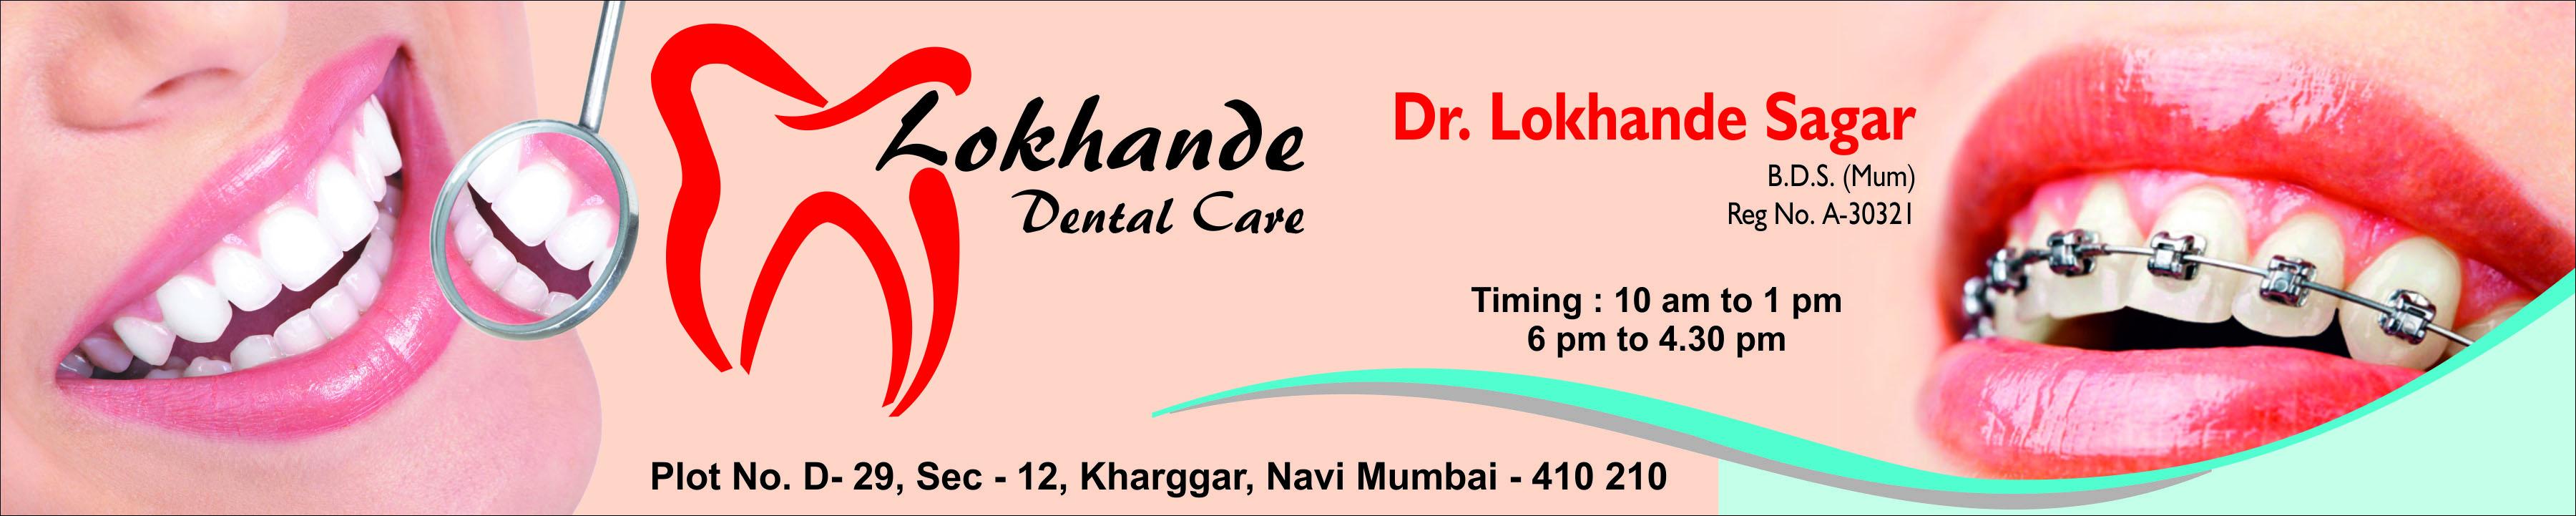 Lokhande Dental Care